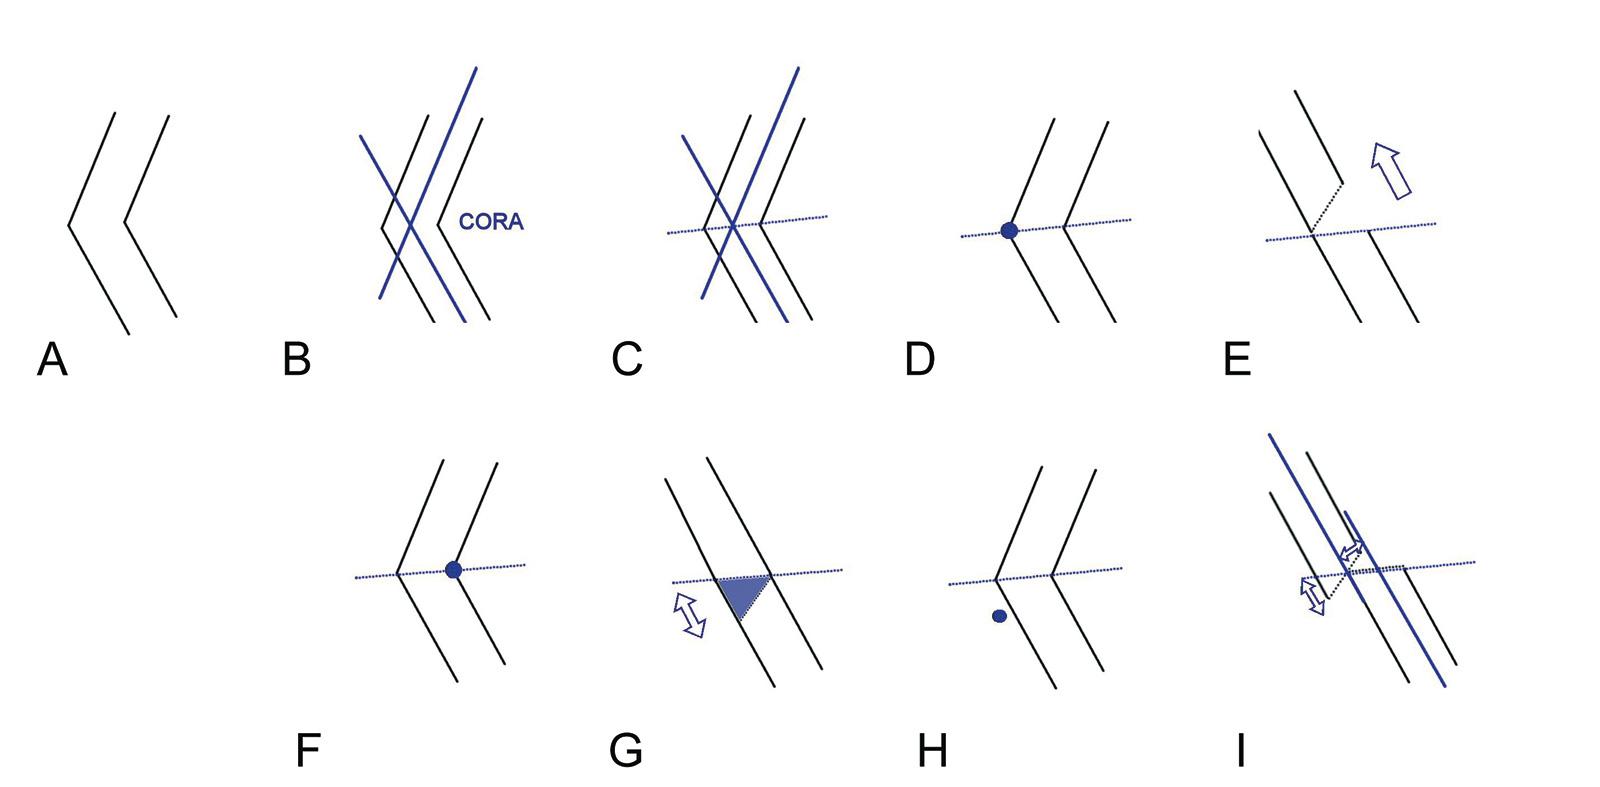 Abb. 4-41: Deformität (A), Bestimmung des Centers of Rotation and Angulation (B), Winkelhalbierende (C), aufklappende Osteotomie (D-E), zuklappende Osteotomie (F-G), Korrektur um einen Drehpunkt außerhalb der Winkelhalbierenden führt zu einer Translation